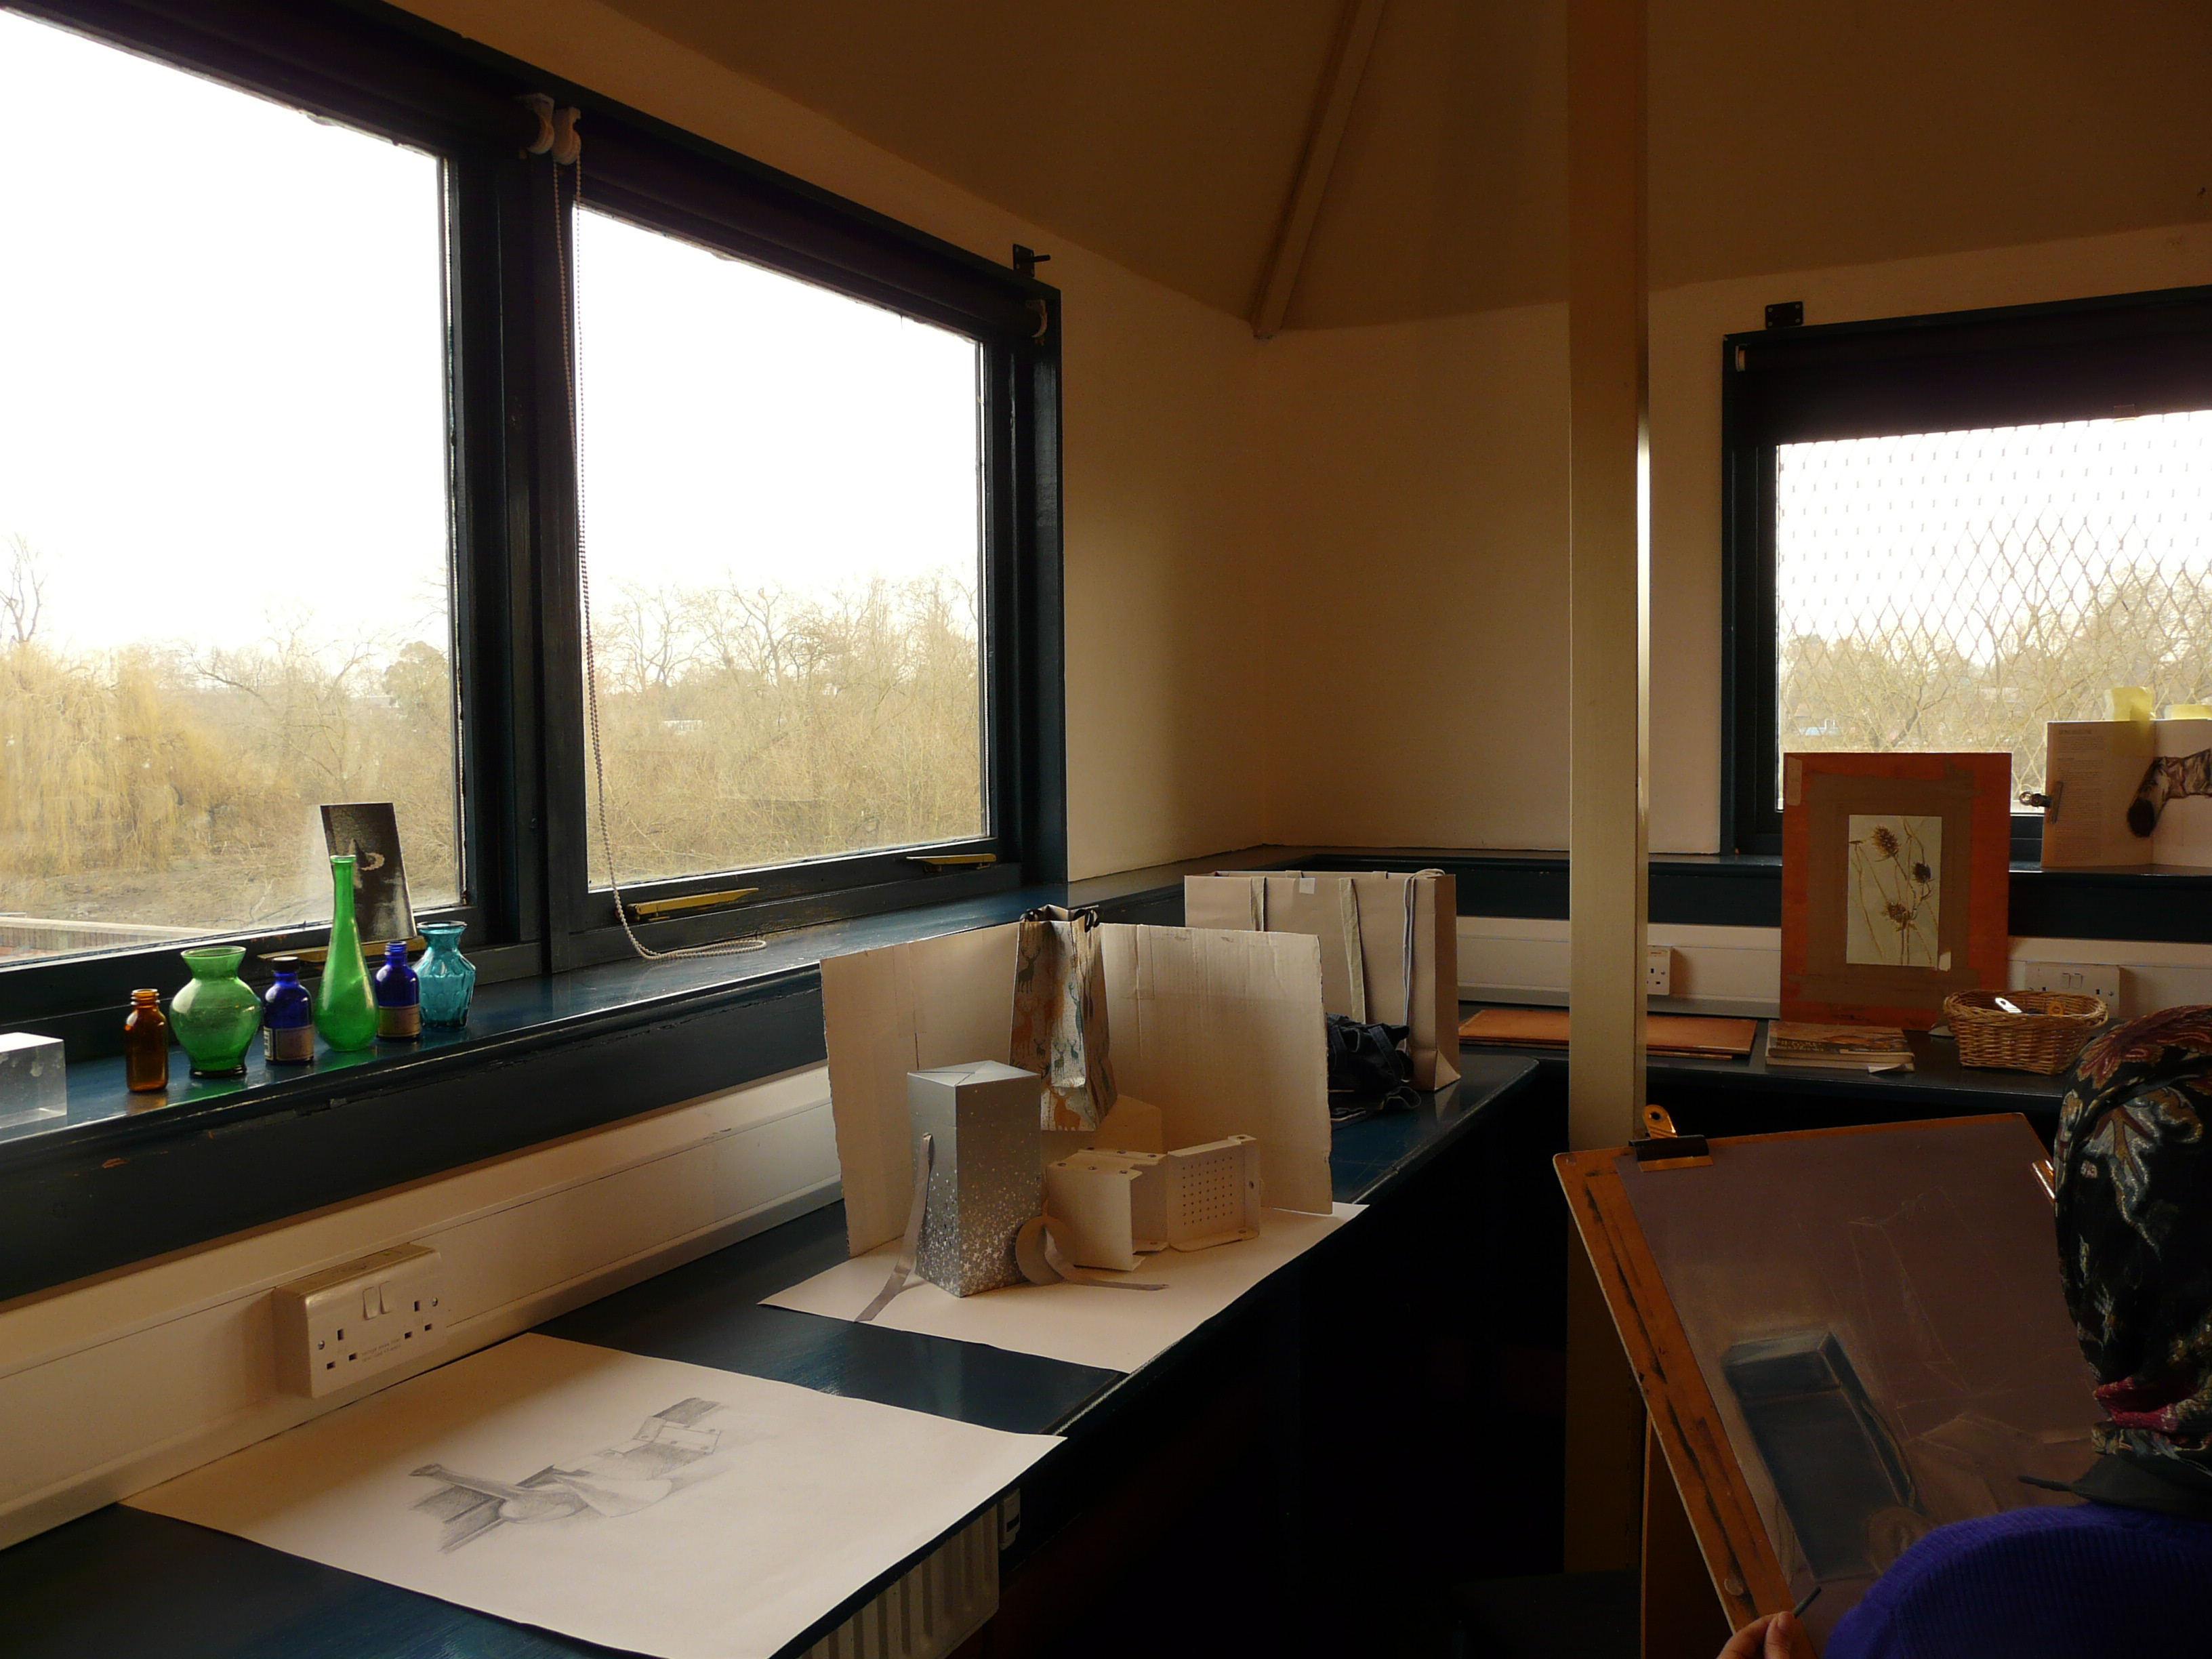 London Art School undefined classes in London